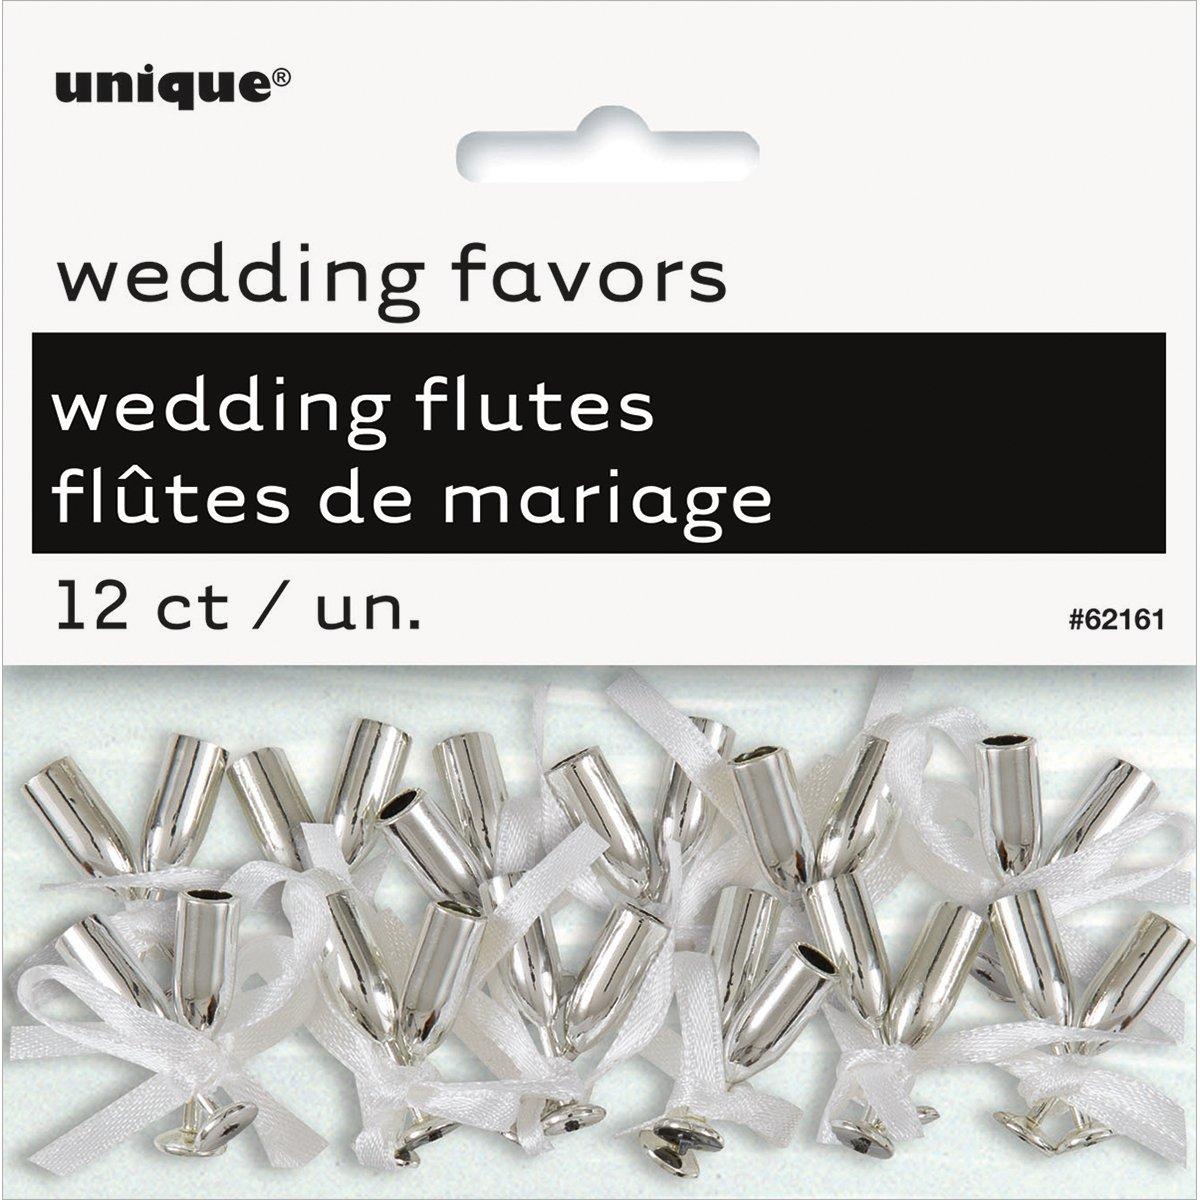 Amazon.com: Mini Silver Champagne Flute Wedding Favor Charms, 12ct ...